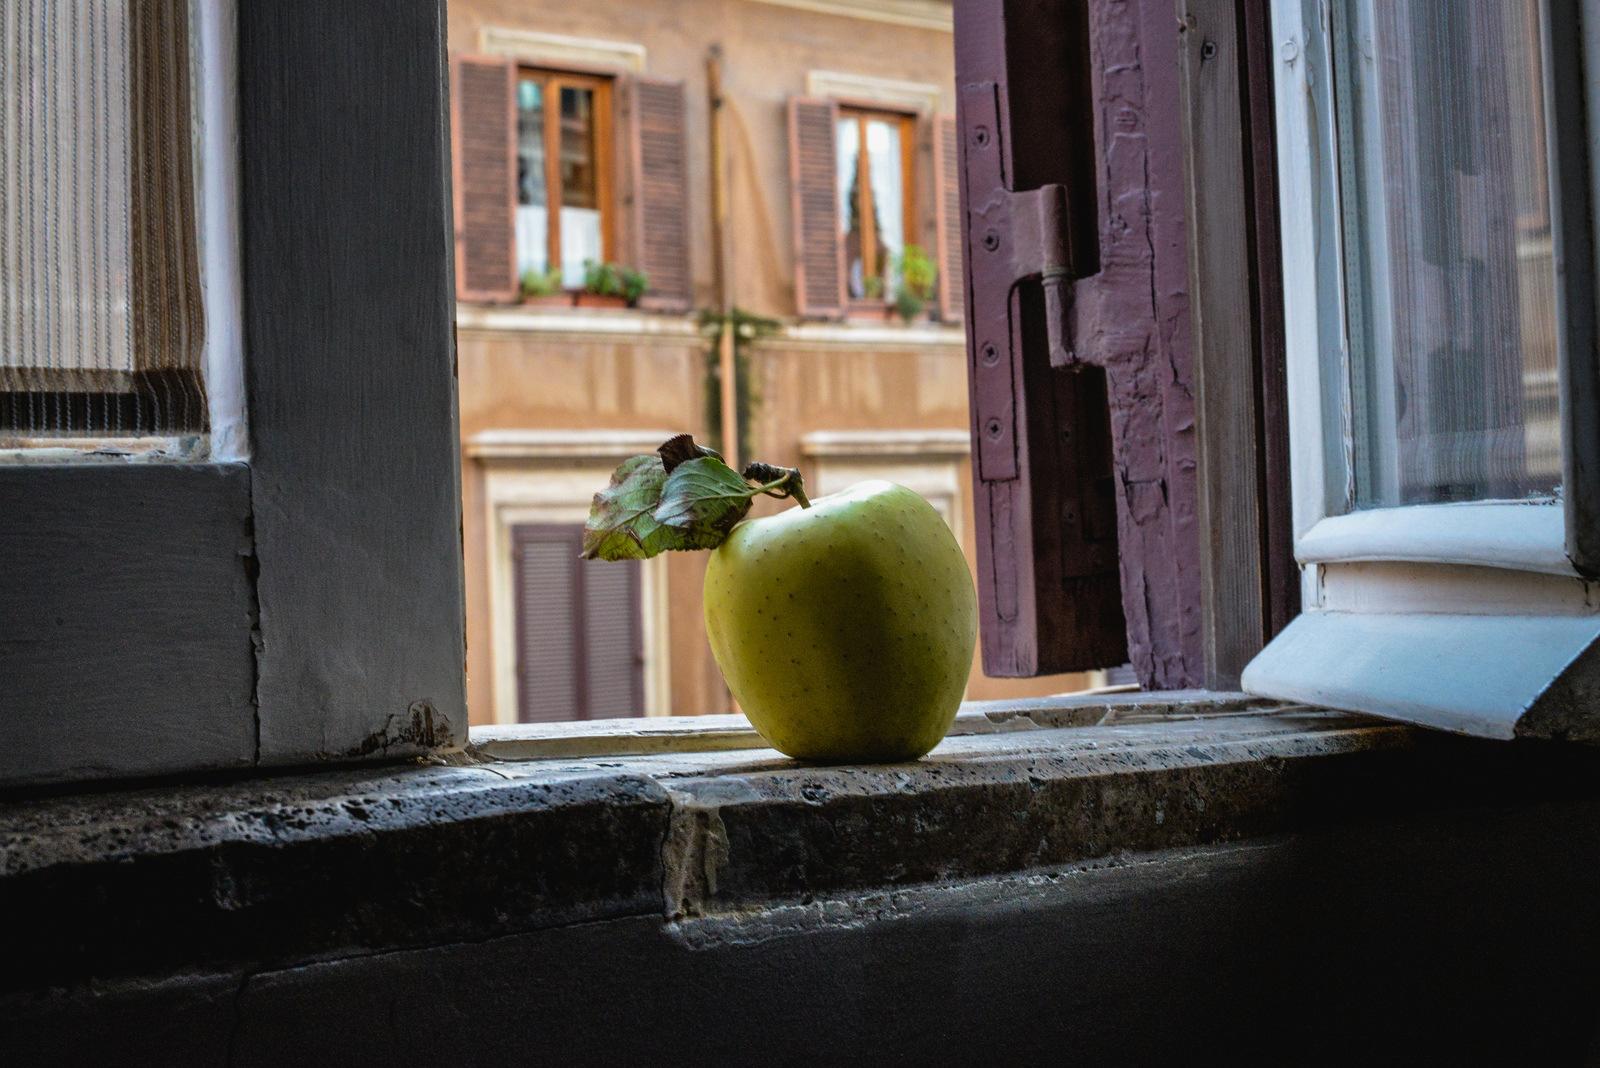 apple on a windowsill